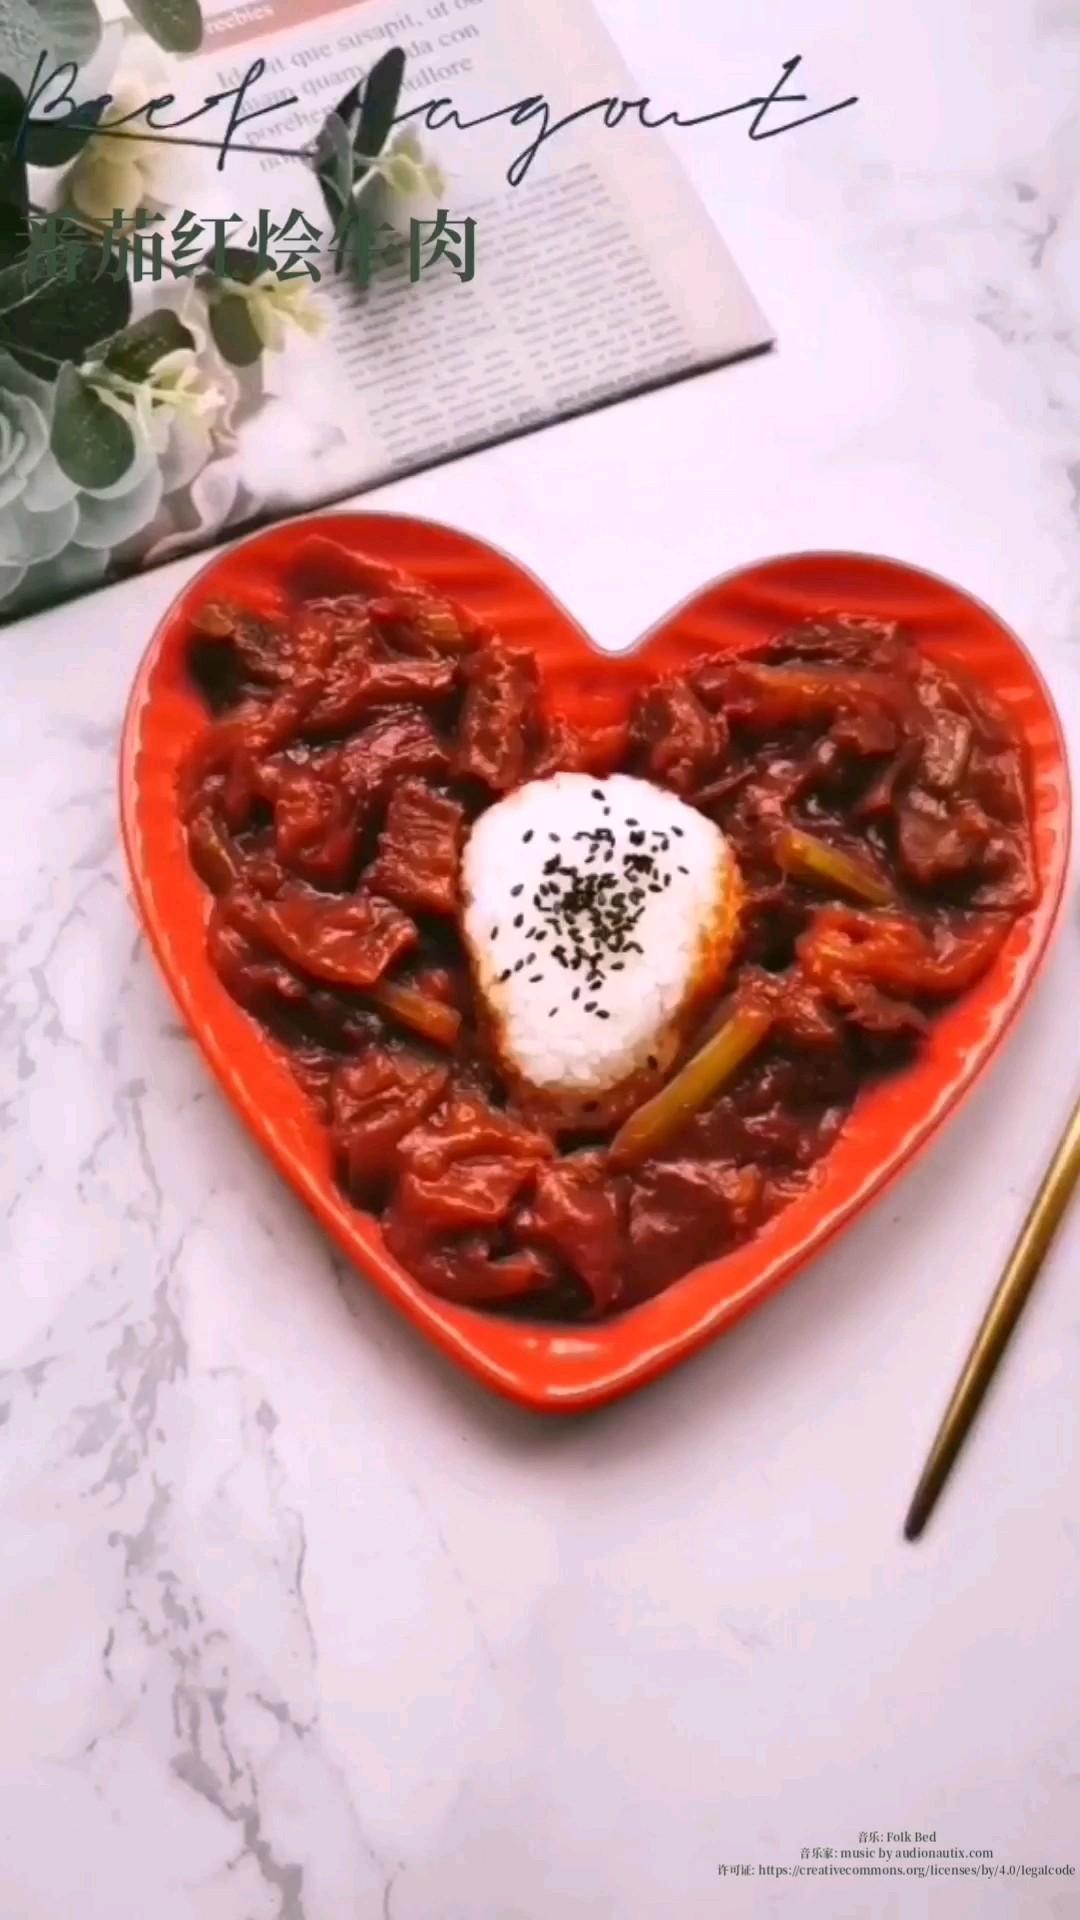 番茄红烩牛肉的做法【步骤图】